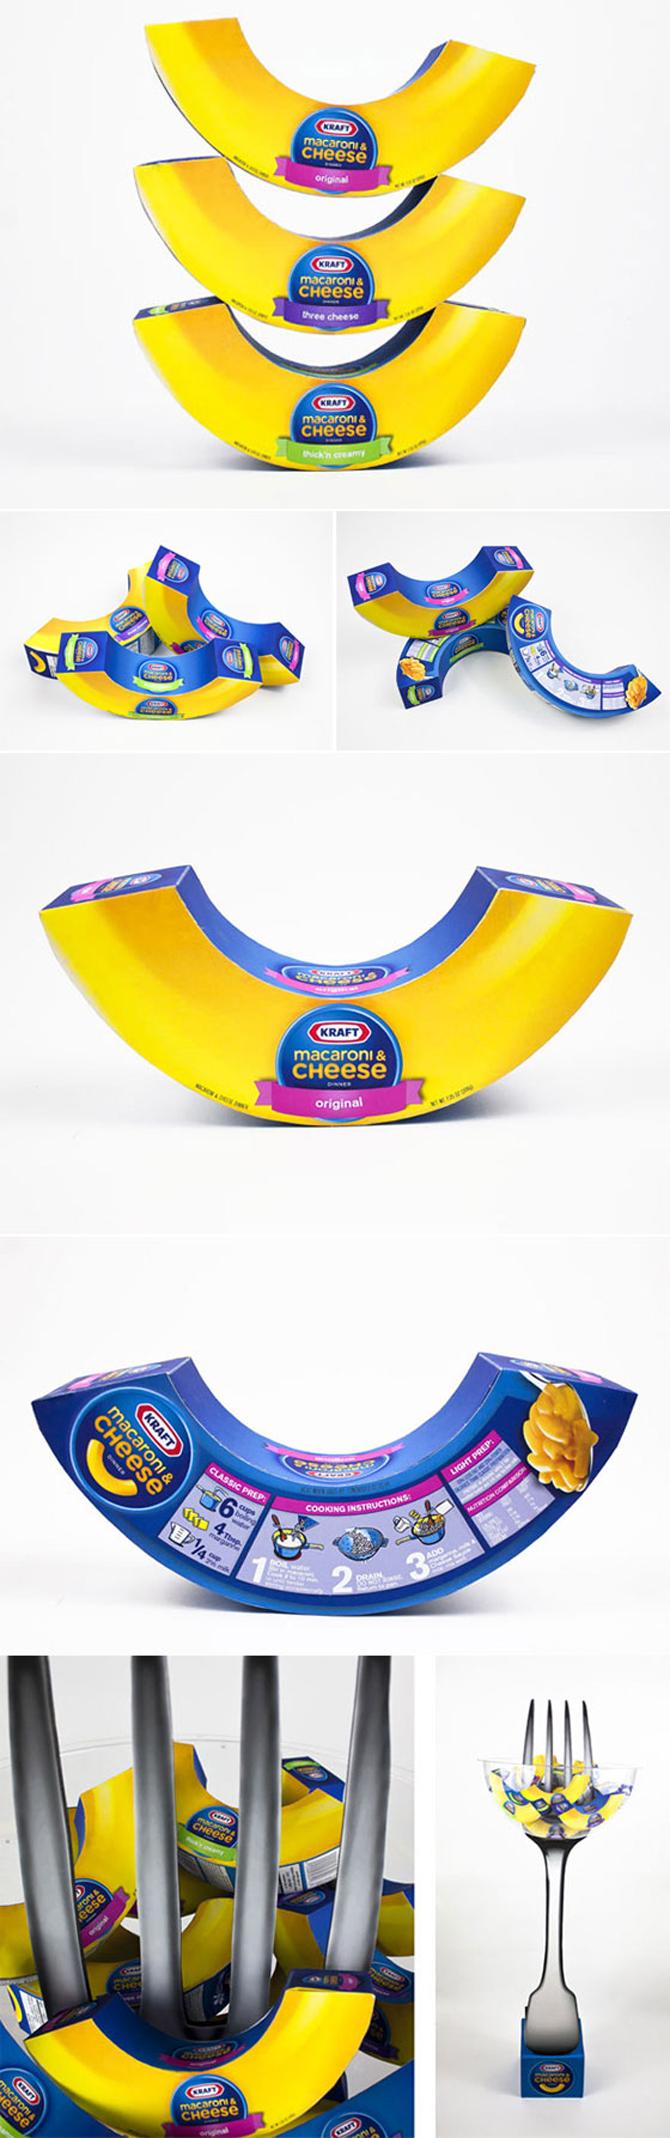 Kraft cheese packaging